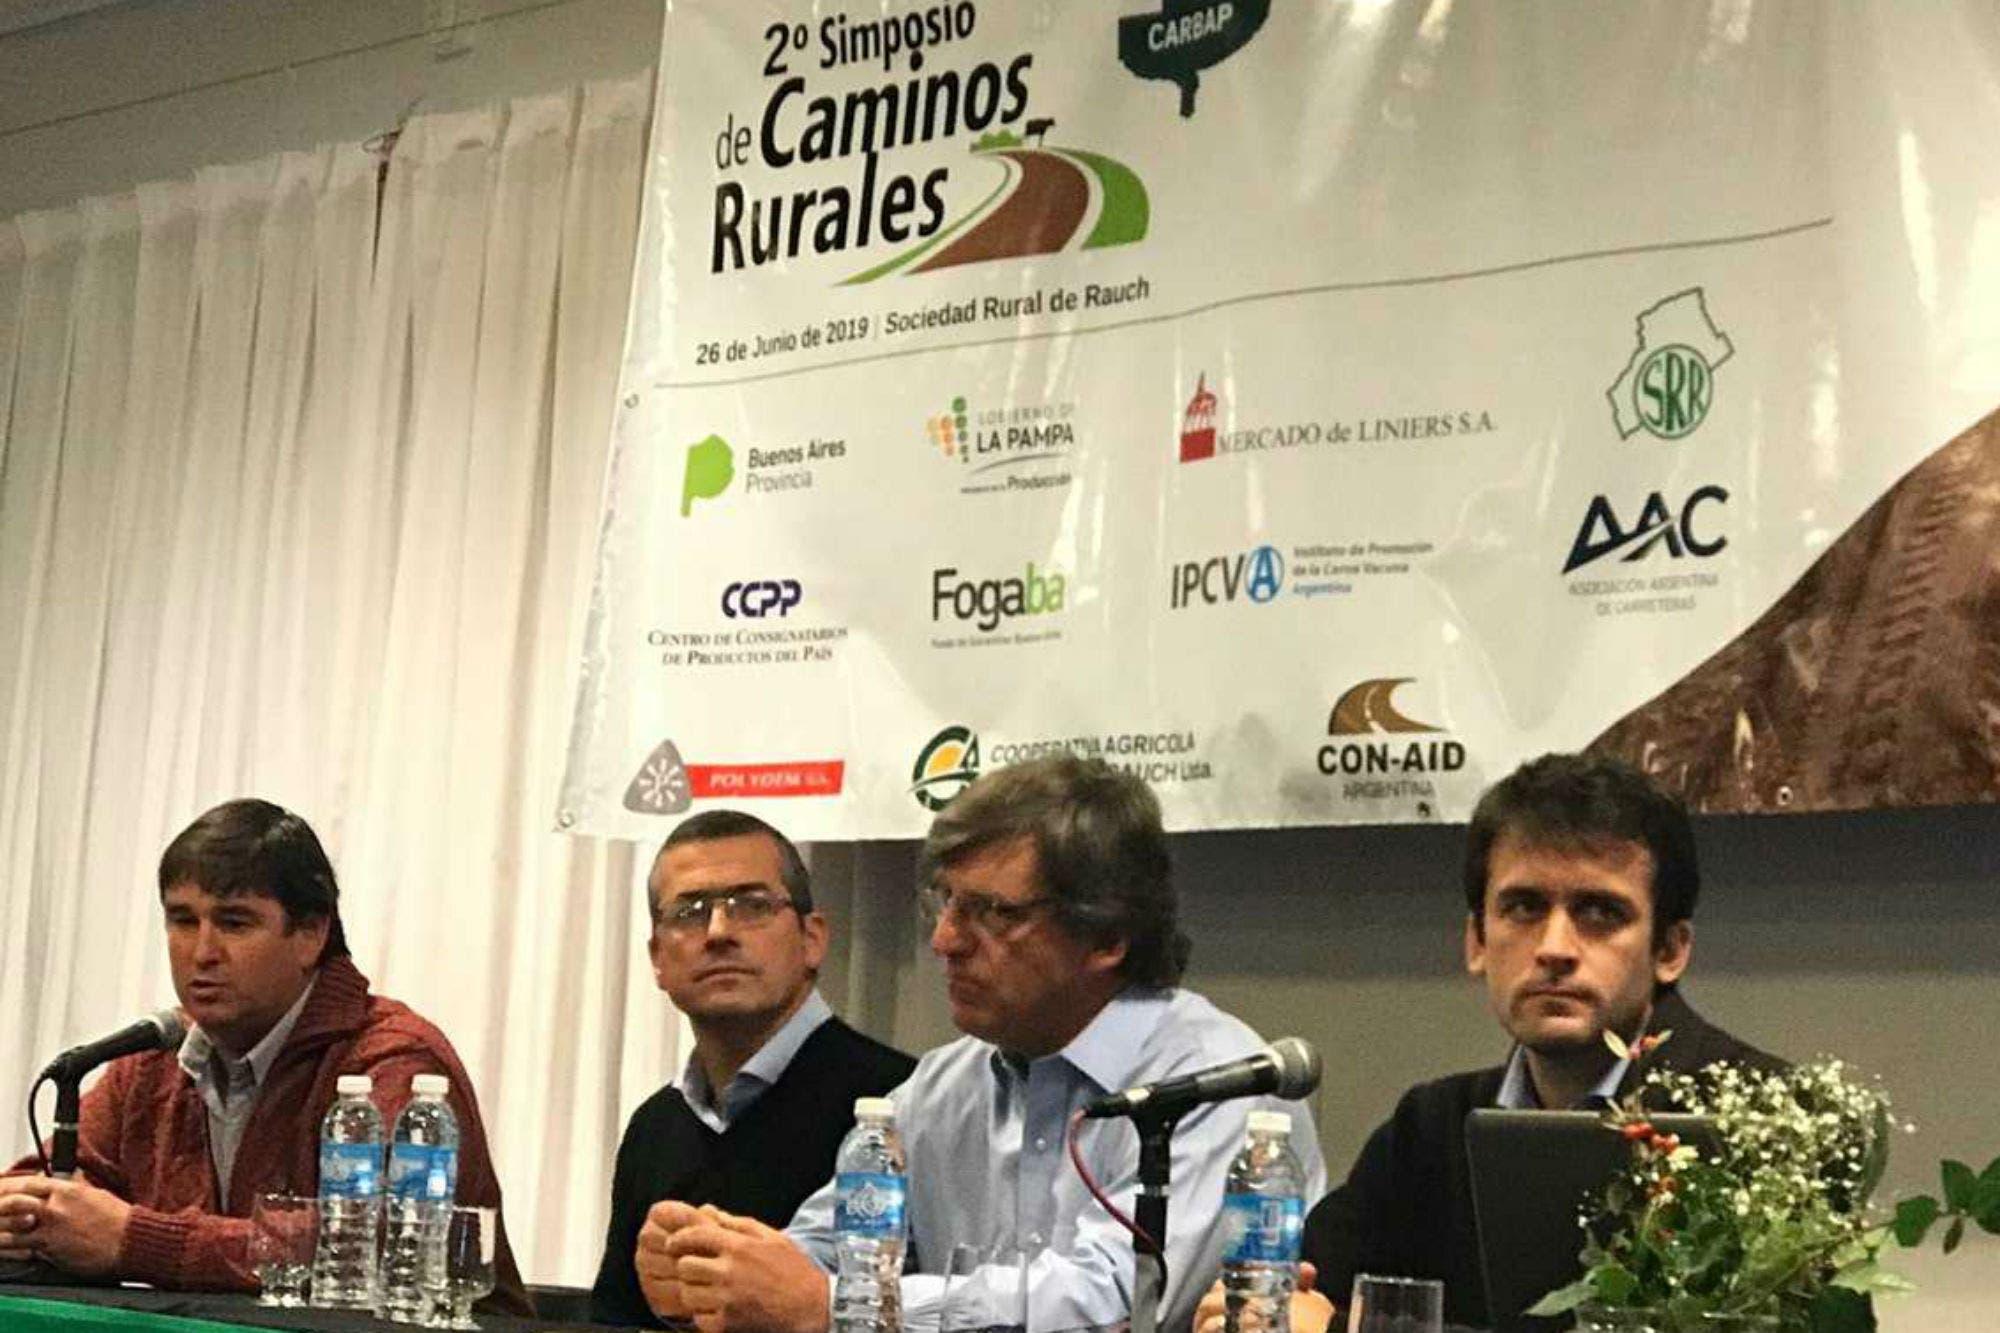 Buenos Aires: según Carbap, creció de 67 a 70% la condición regular o mala de los caminos rurales